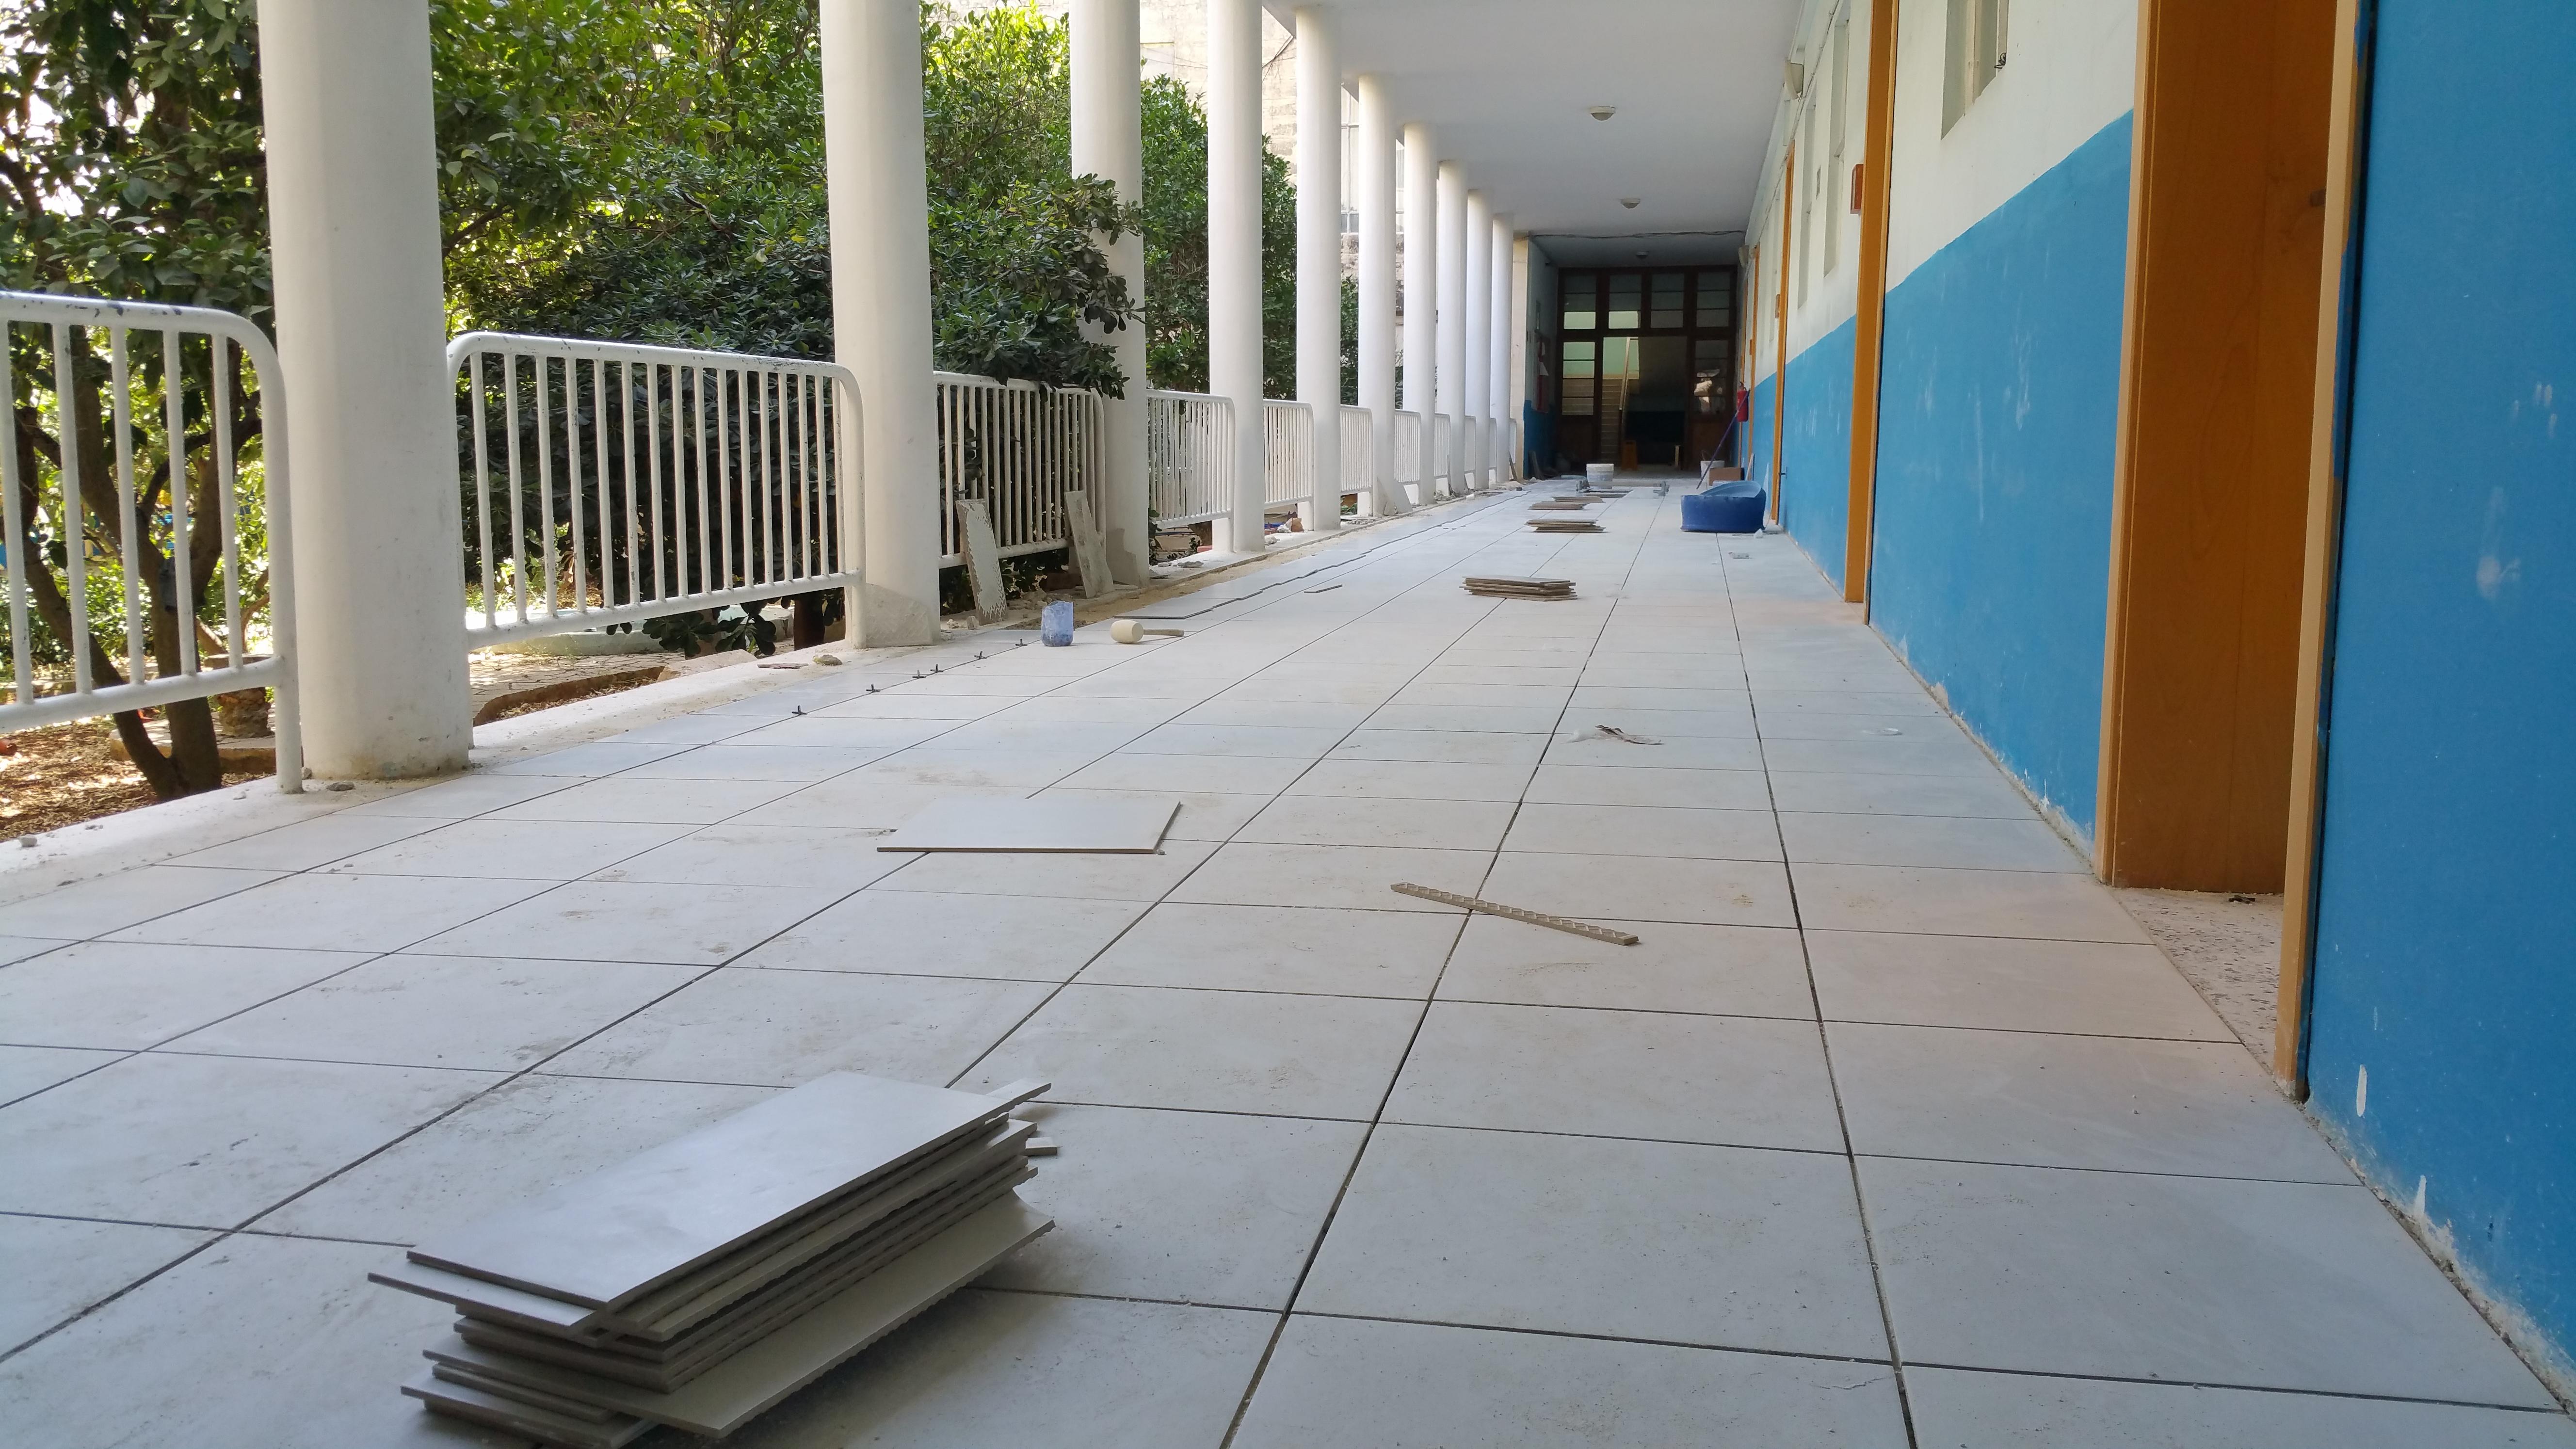 New tiling in ground floor corridor